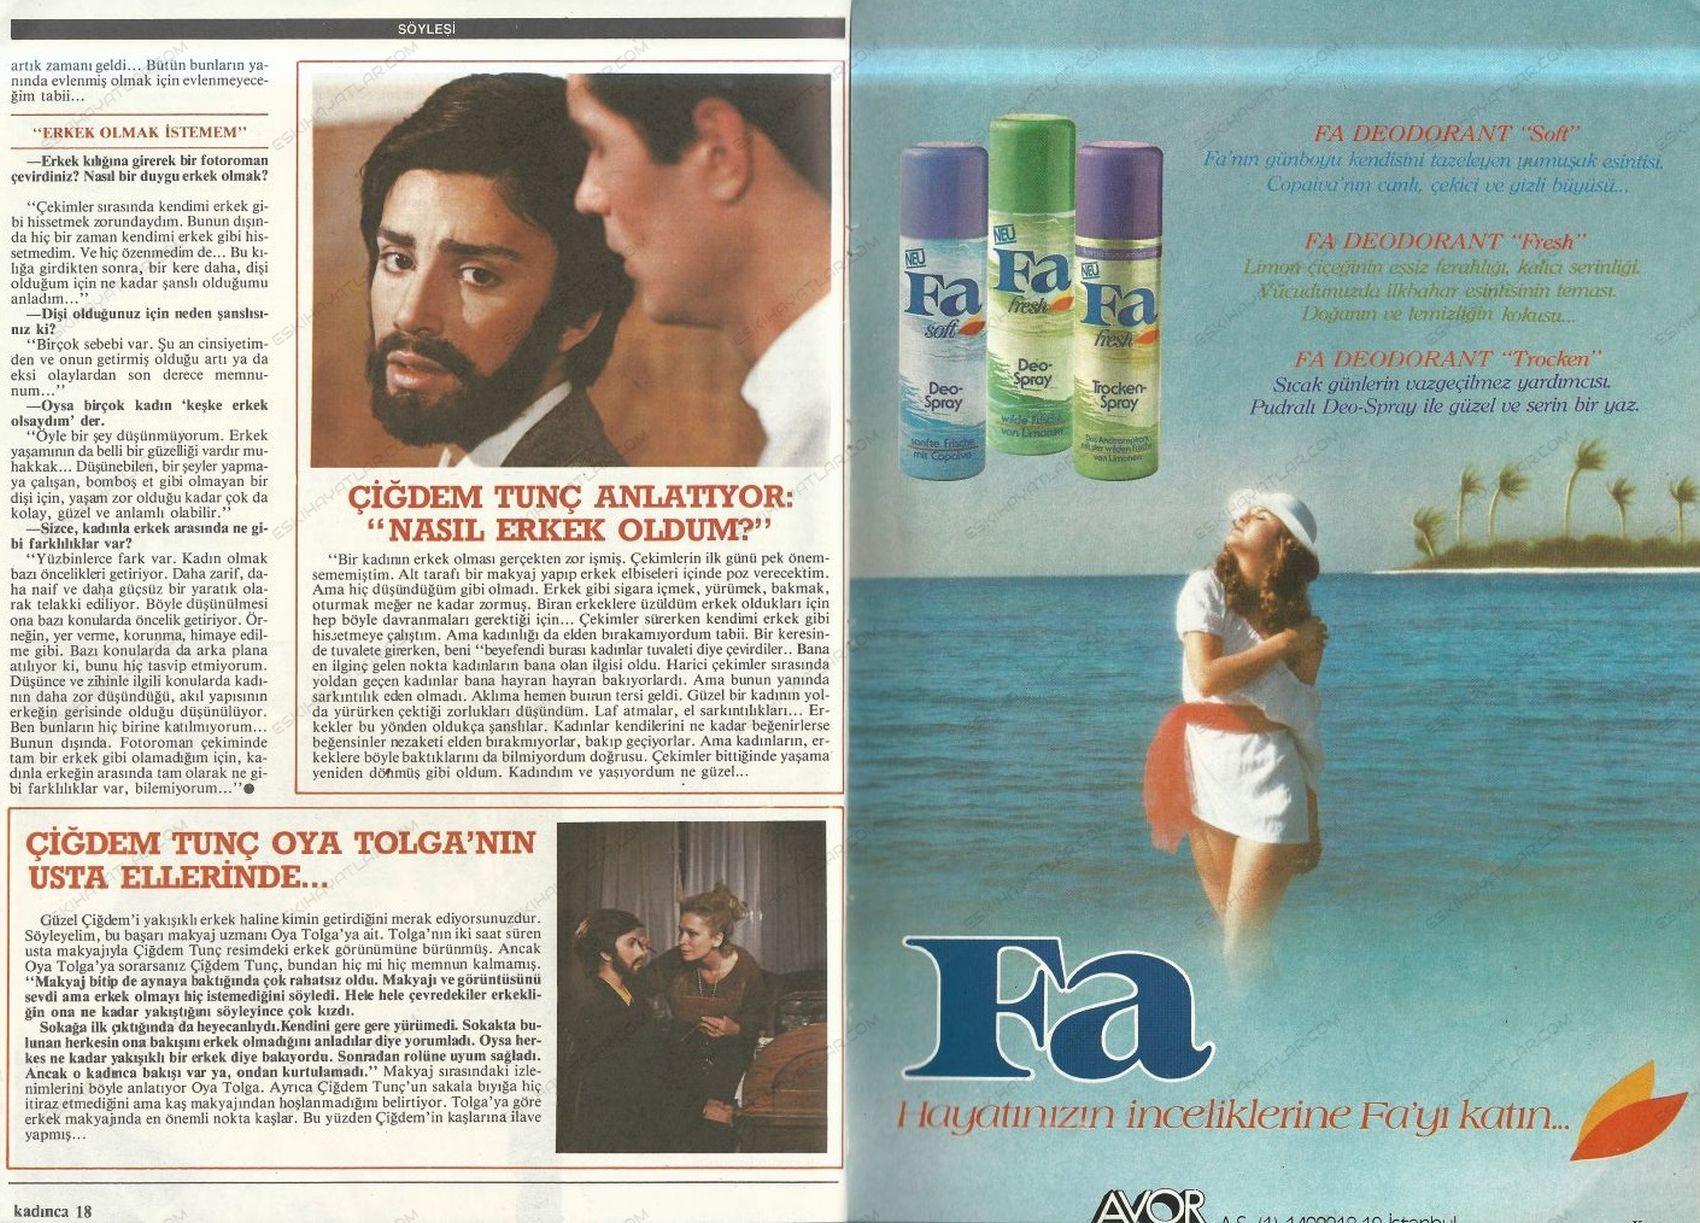 0329-cigdem-tunc-do-re-mi-programi-trt-1985-kadinca-dergisi-erol-atar-fotograflari-studyo-erol (7)